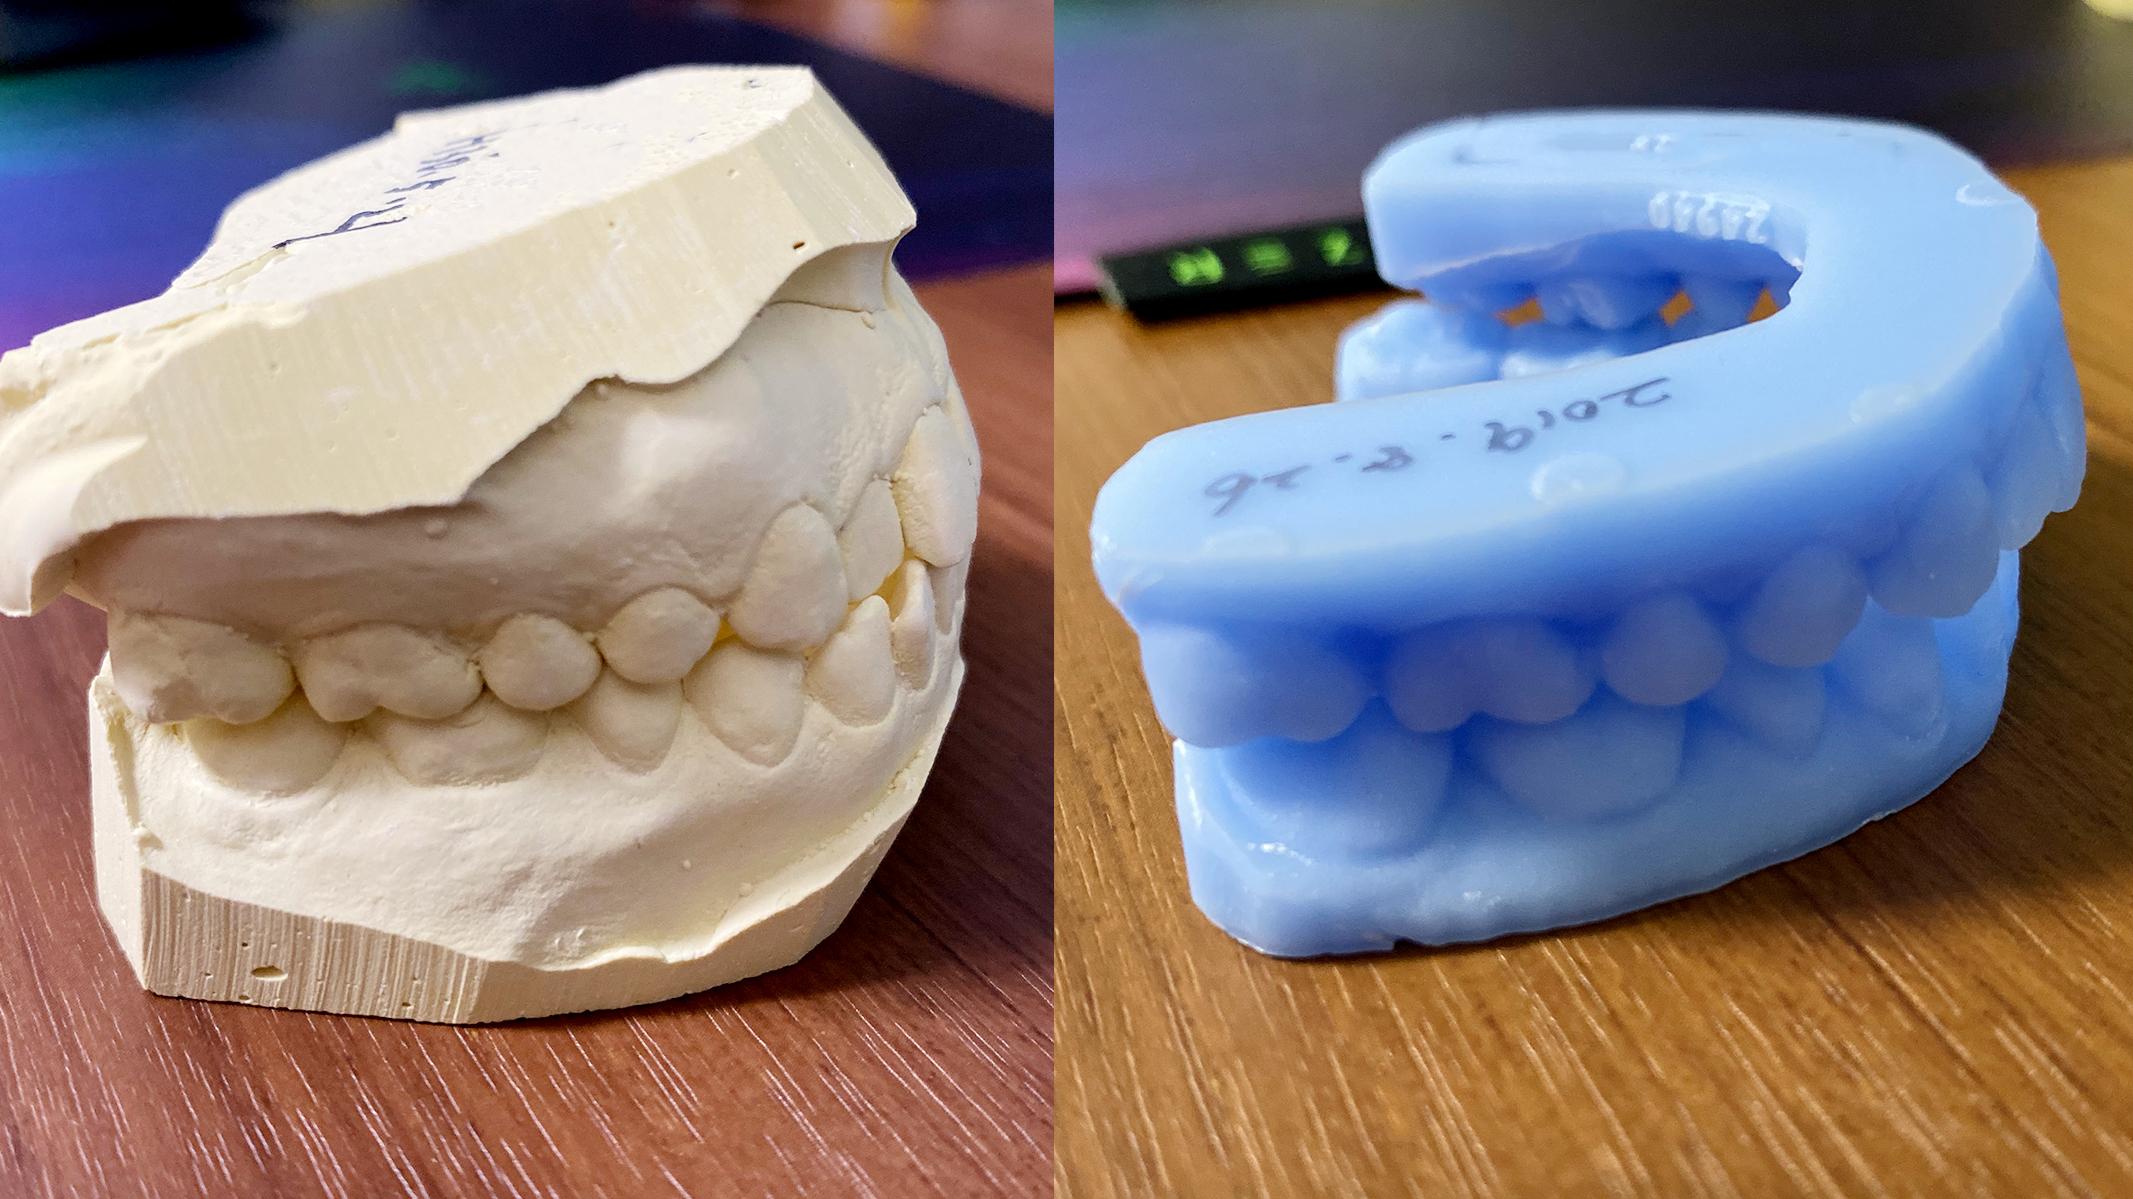 キレイ ライン 怪しい キレイラインの歯科矯正を3日で挫折した失敗談